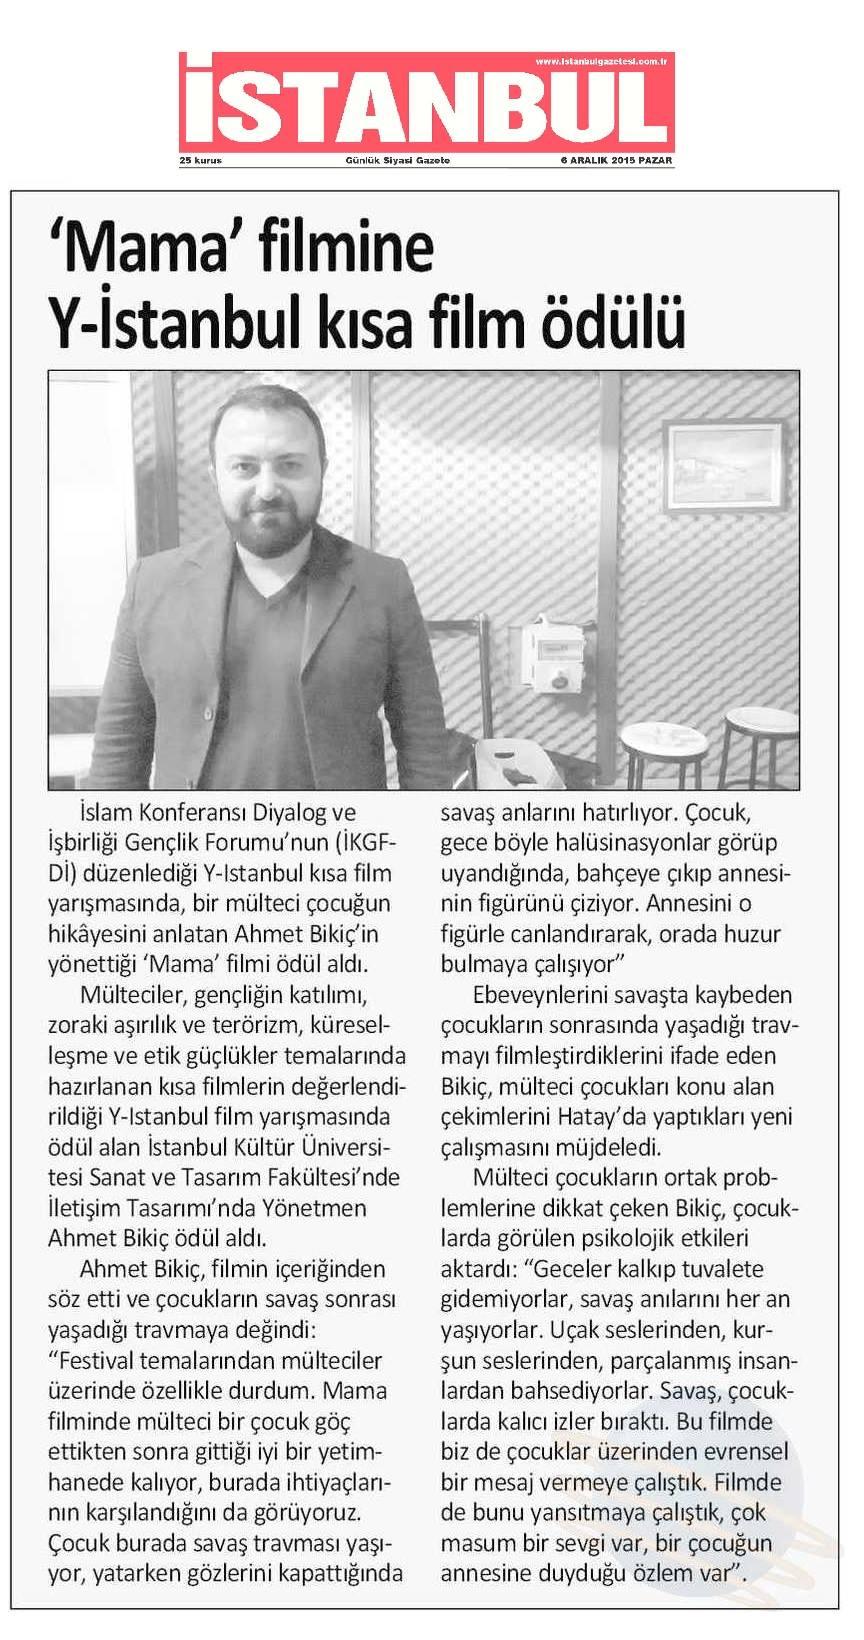 ICYF-DC - İSTANBUL GAZETESİ